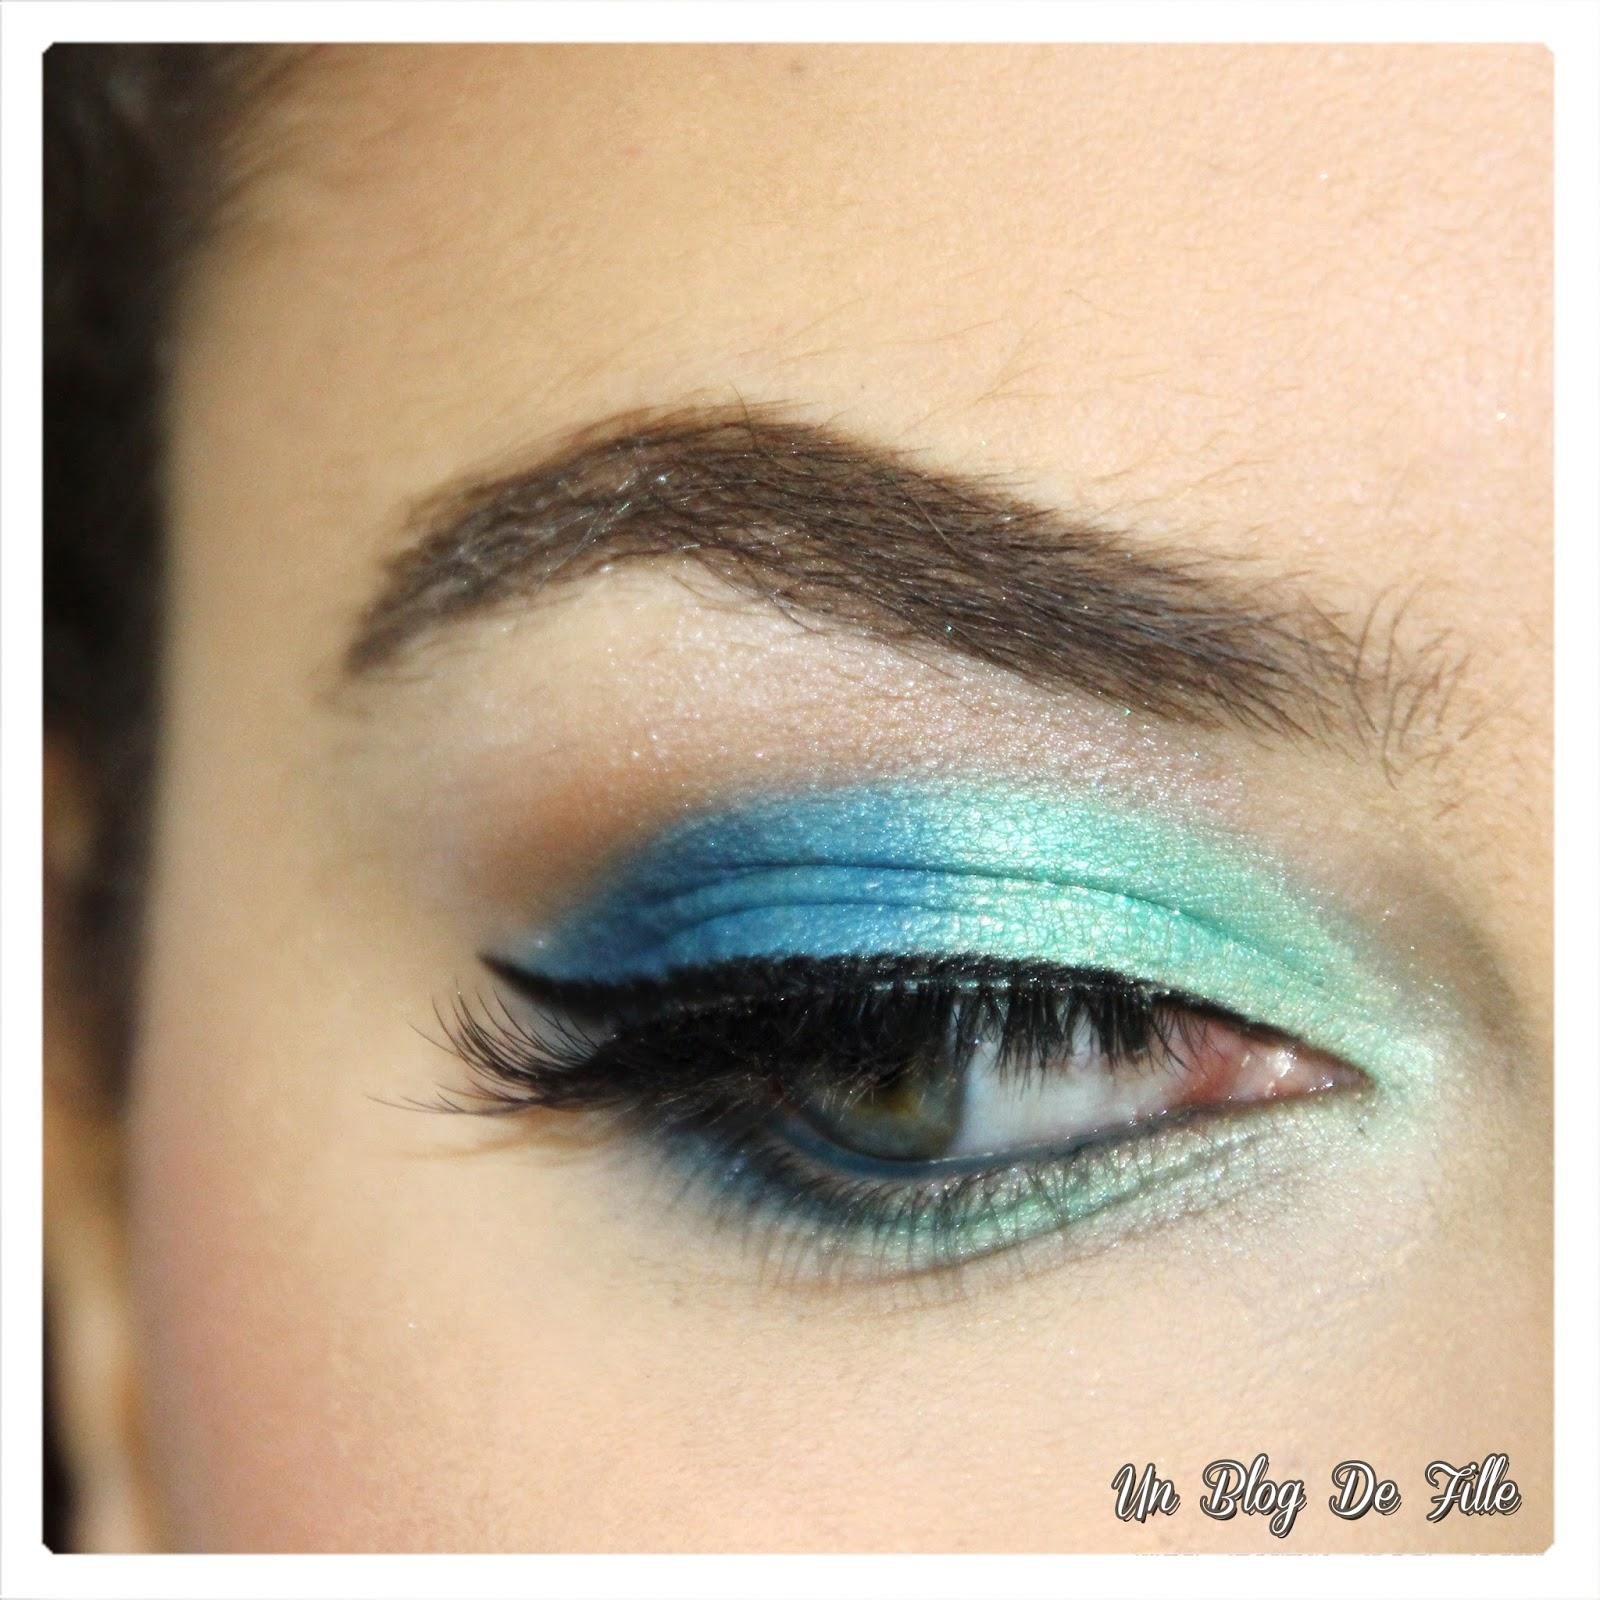 http://unblogdefille.blogspot.fr/2018/01/maquillage-du-fard-bleu-sur-des-yeux.html